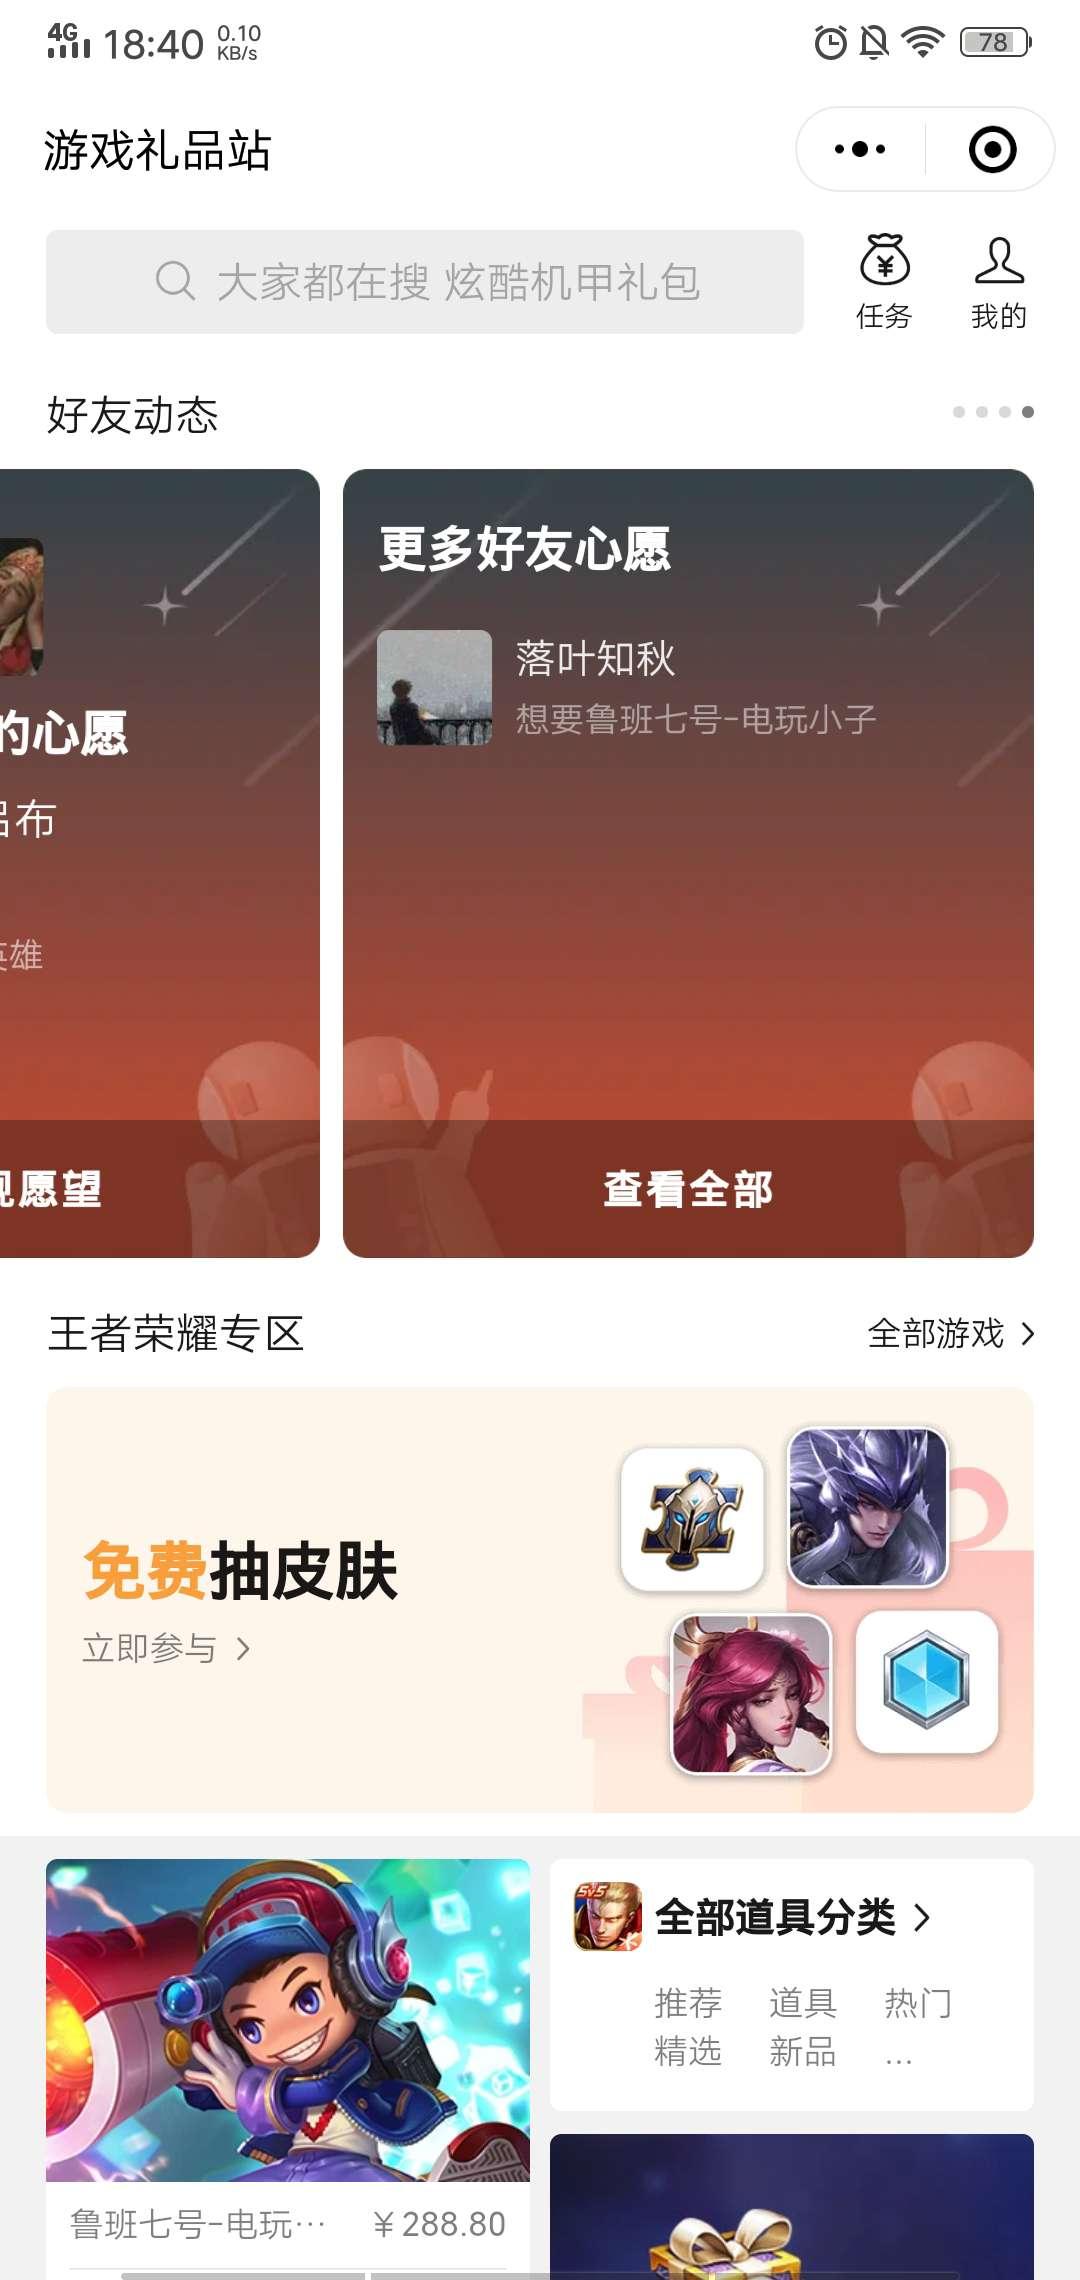 【现金红包】腾讯旗下微信去玩家专享